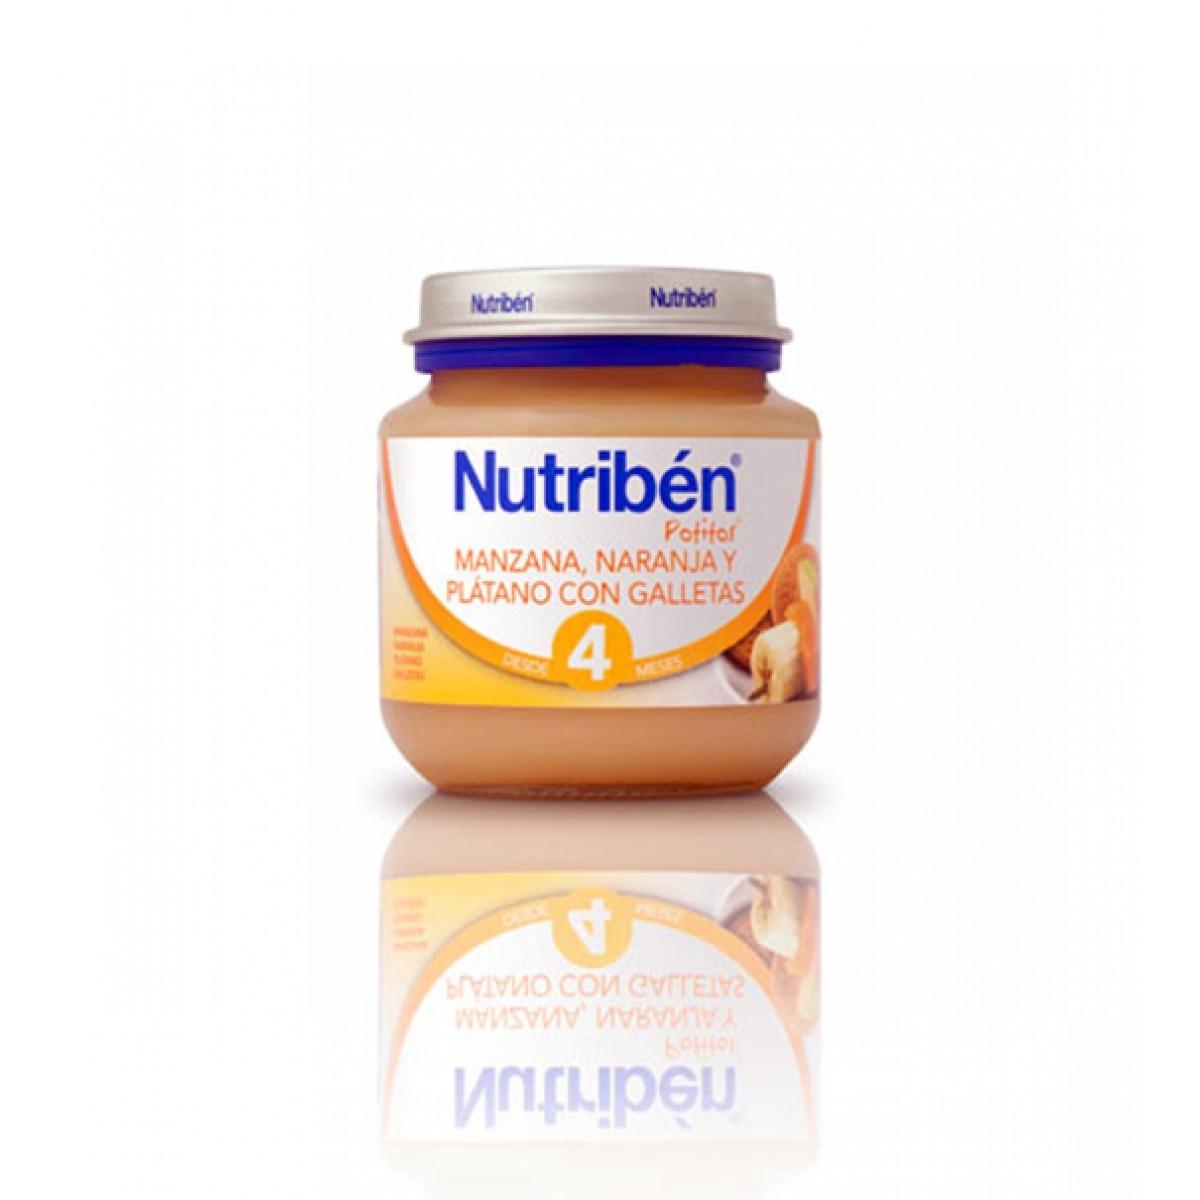 NUTRIBEN MANZANA, NARANJA Y PLTANO CON GALLETAS 130 G.